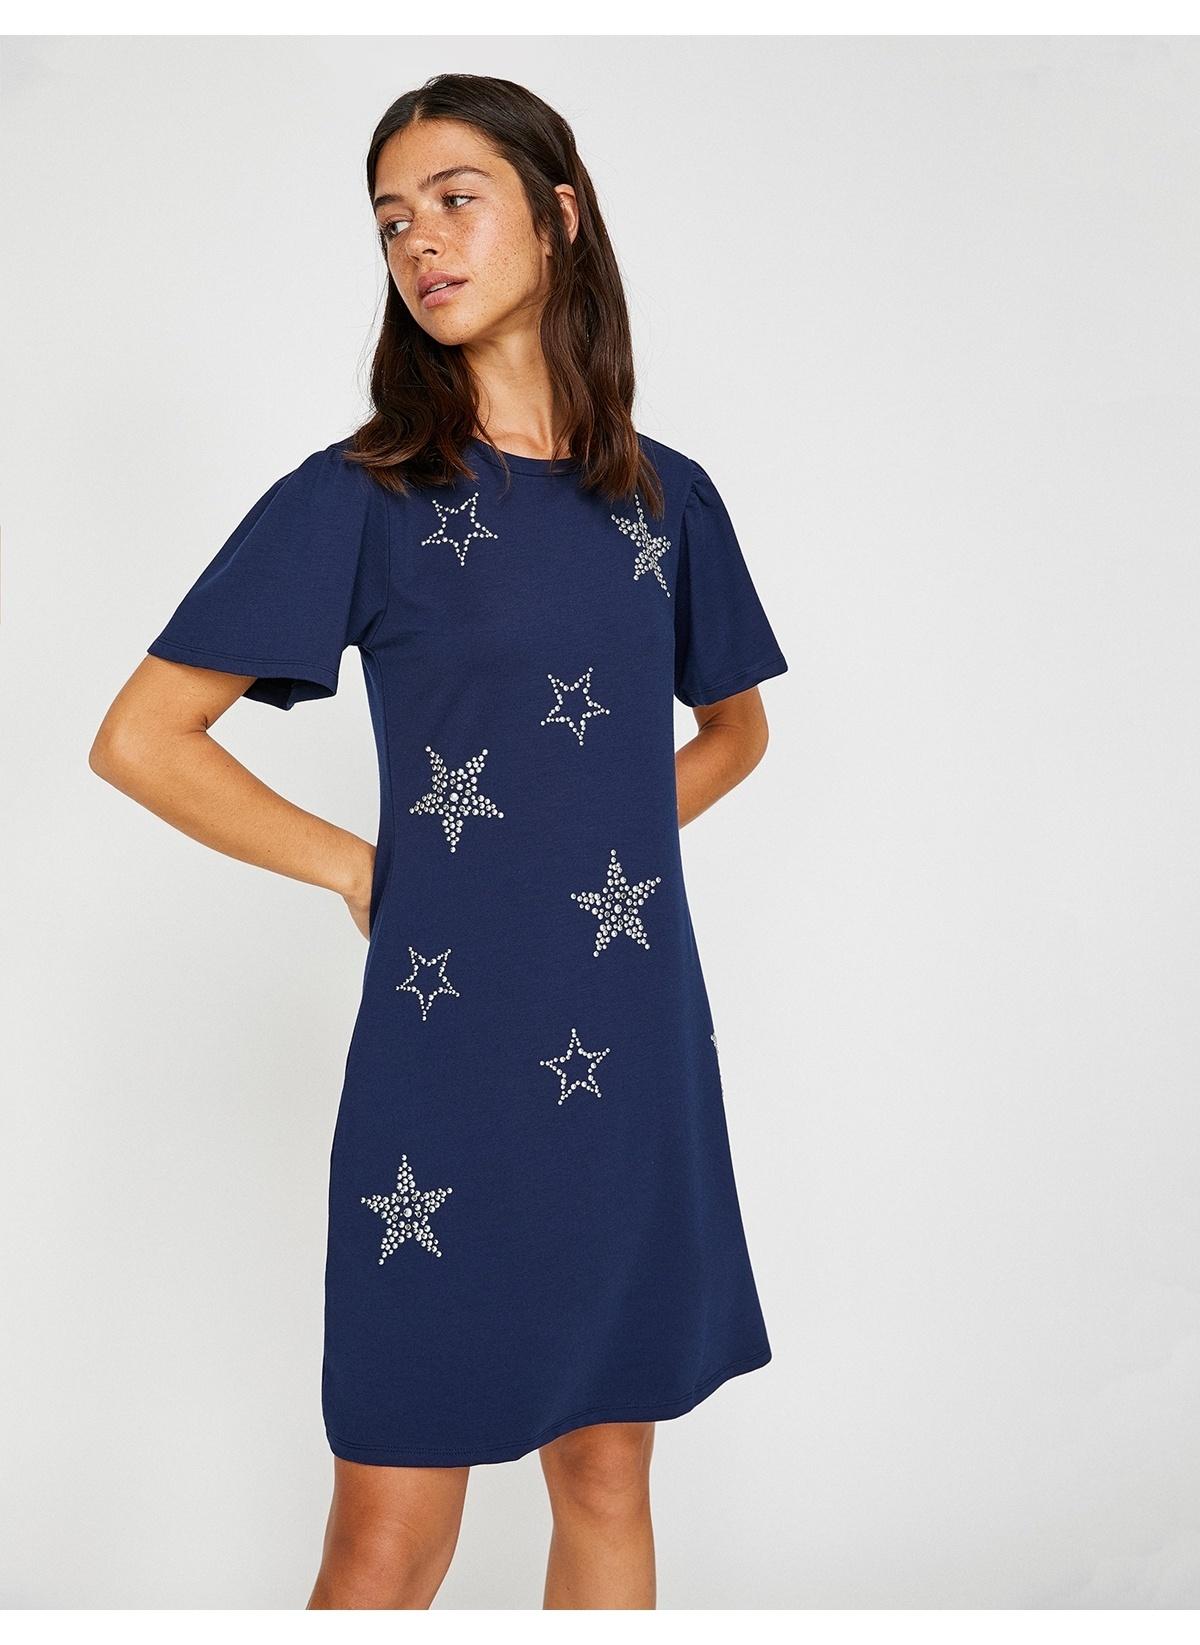 d35d71e5b72a8 Koton Kadın Yıldız Desenli Elbise Sax   Morhipo   21610216